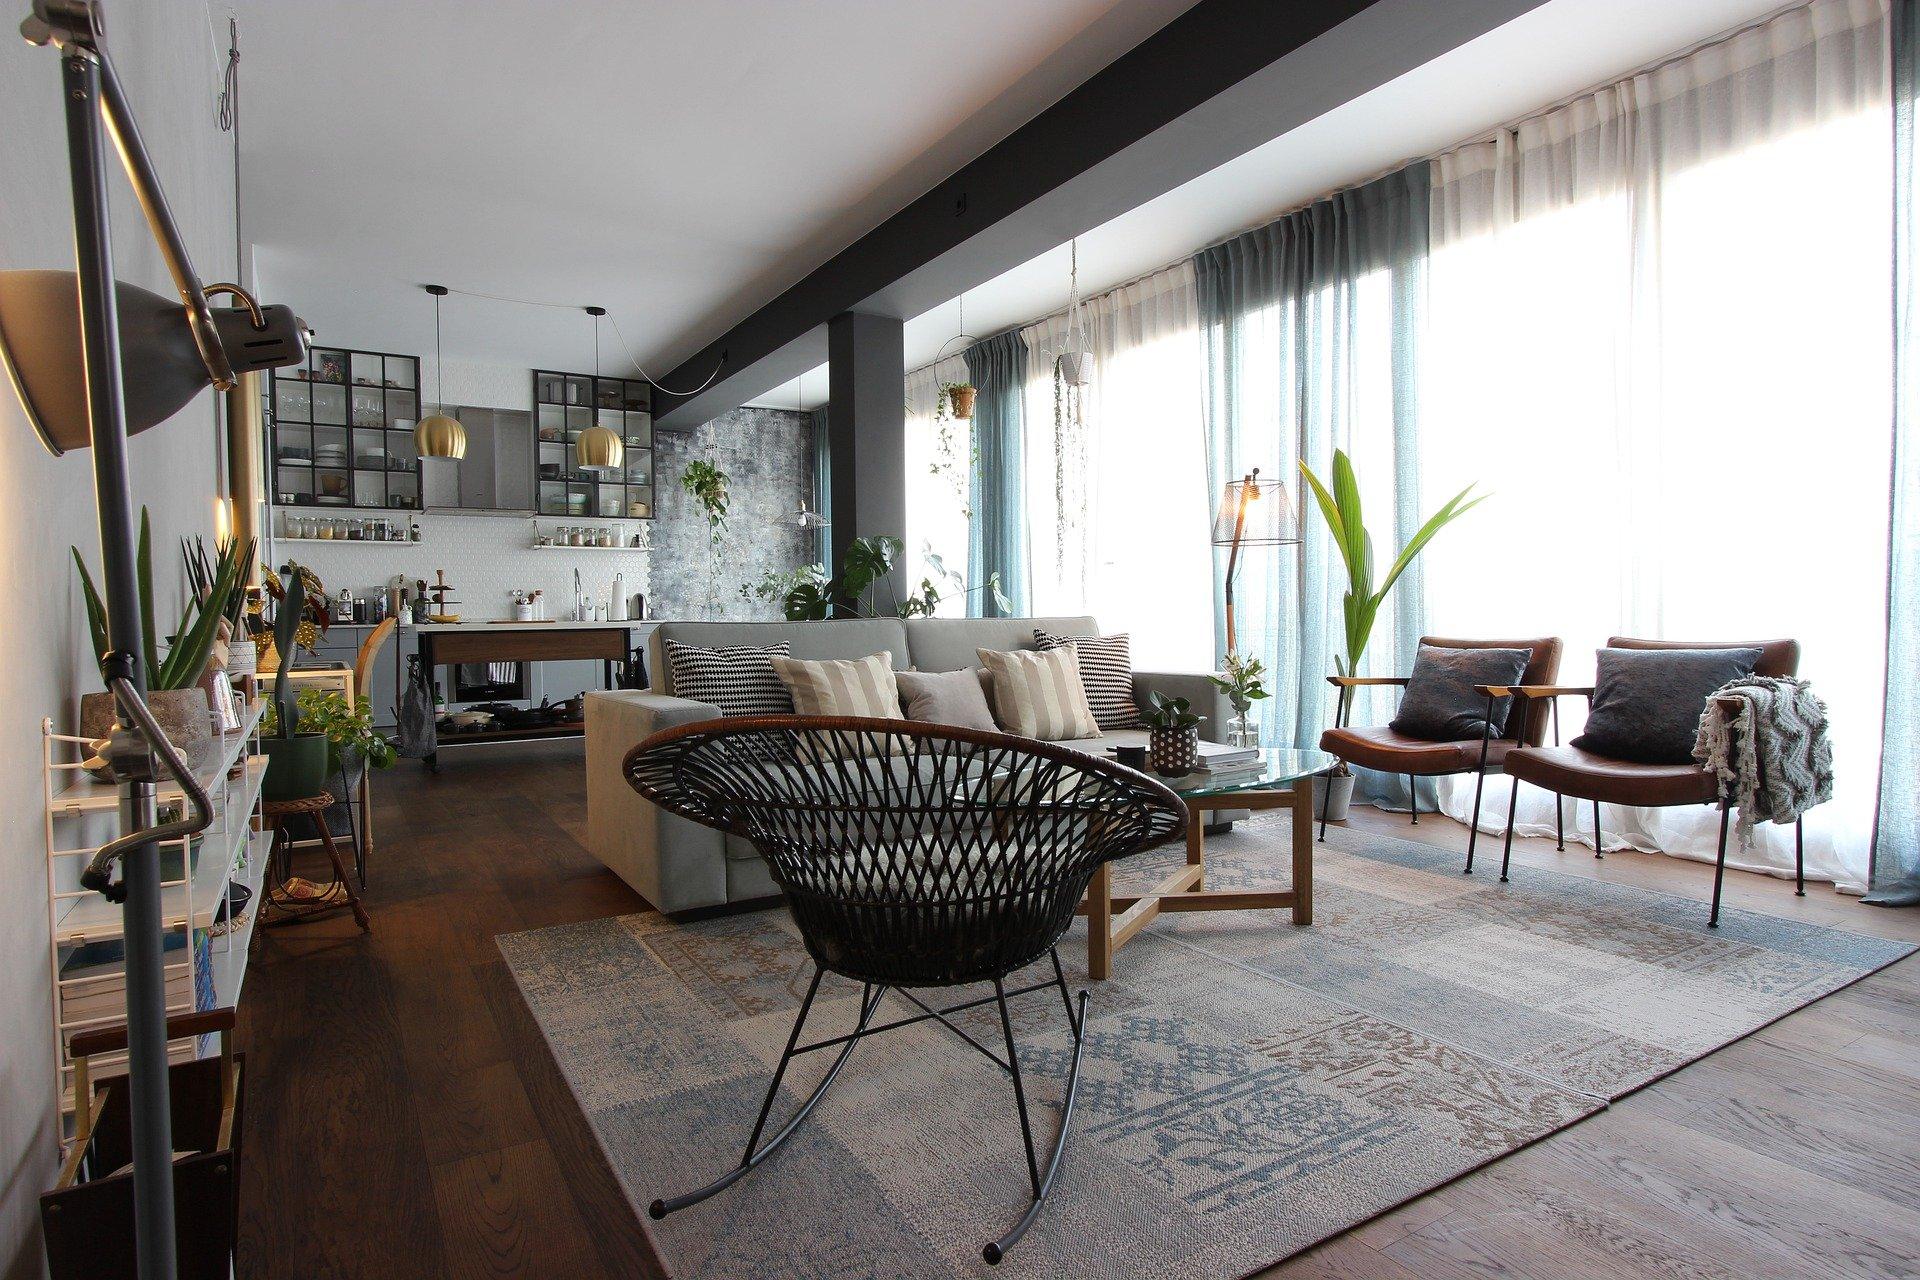 開放式的空間設計雖可使居家空間看起來寬敞通透,對狗狗們來說卻可能是種無形壓力